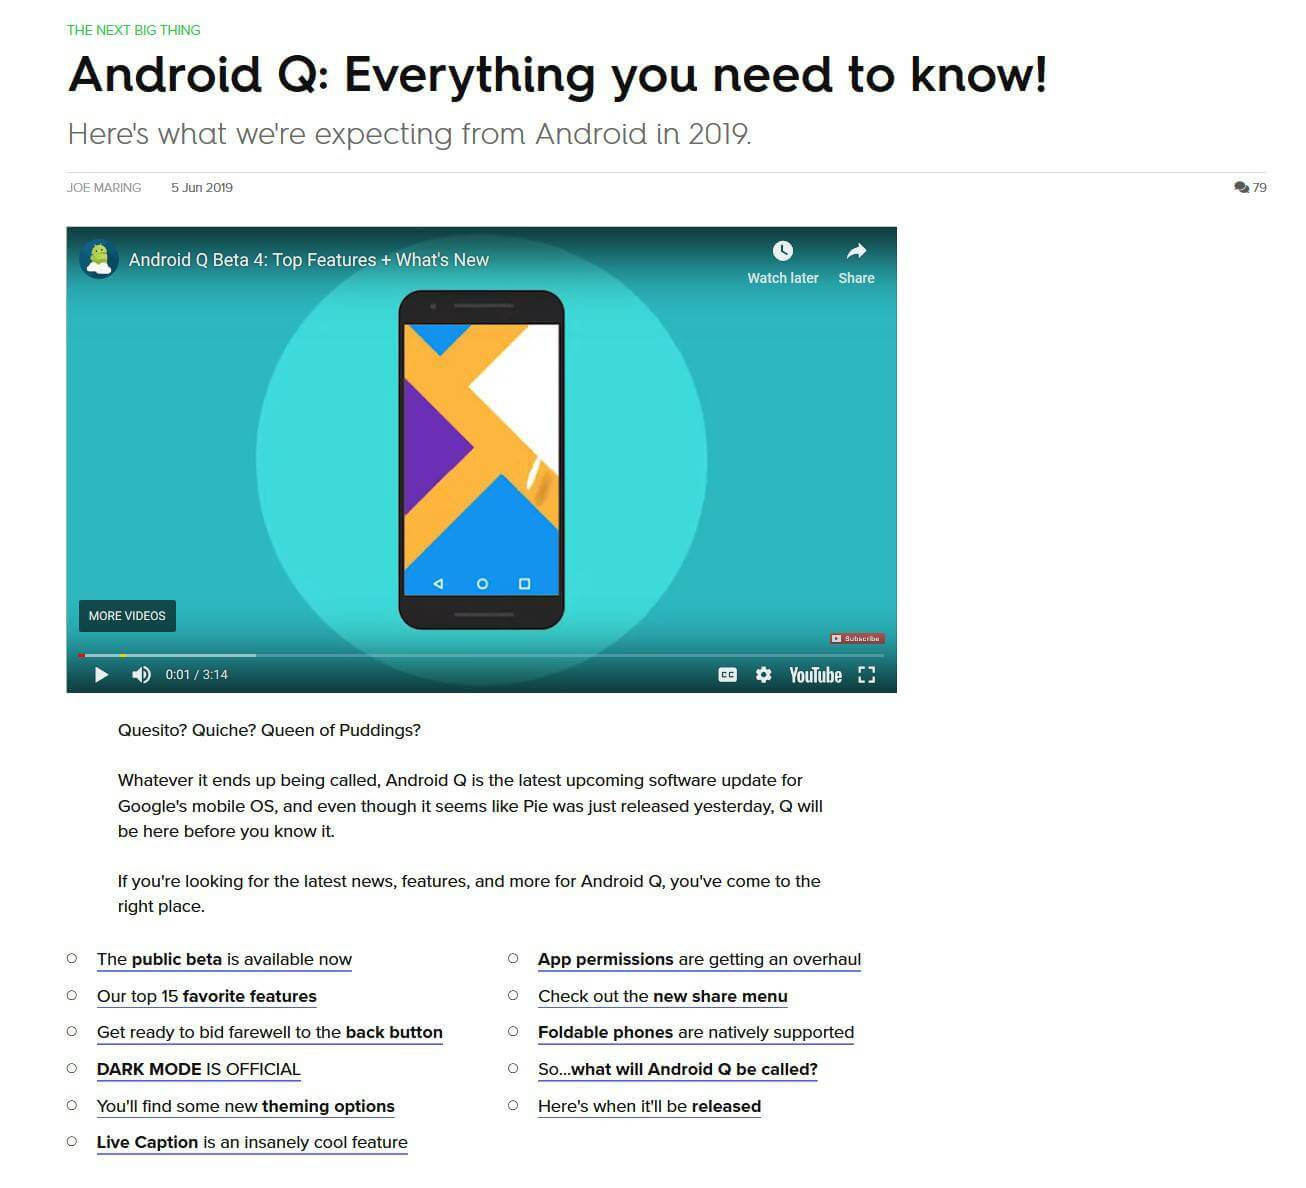 نمونه گردآوری مطالب هفتگی یا موضوعی از وب سایت Android Central